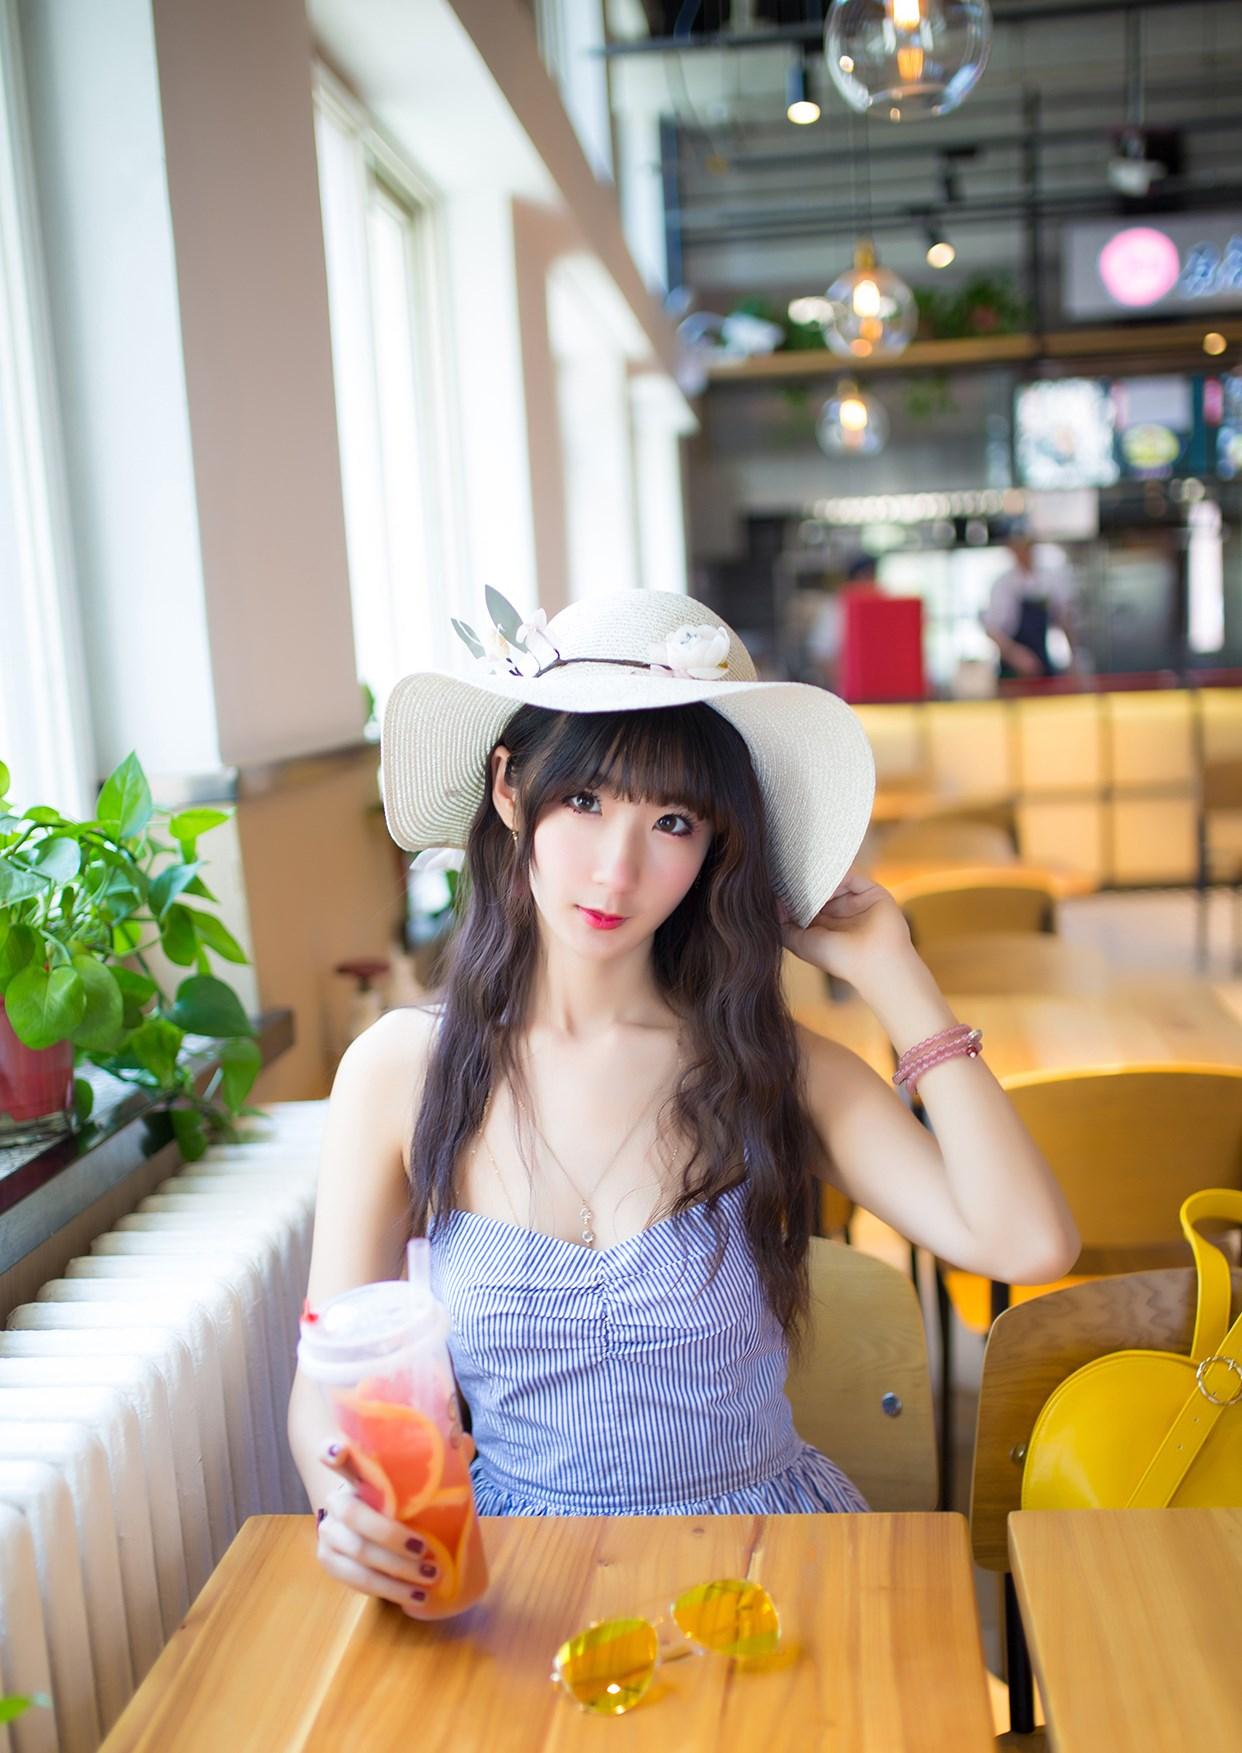 【兔玩映画】吊带裙小姐姐 兔玩映画 第7张